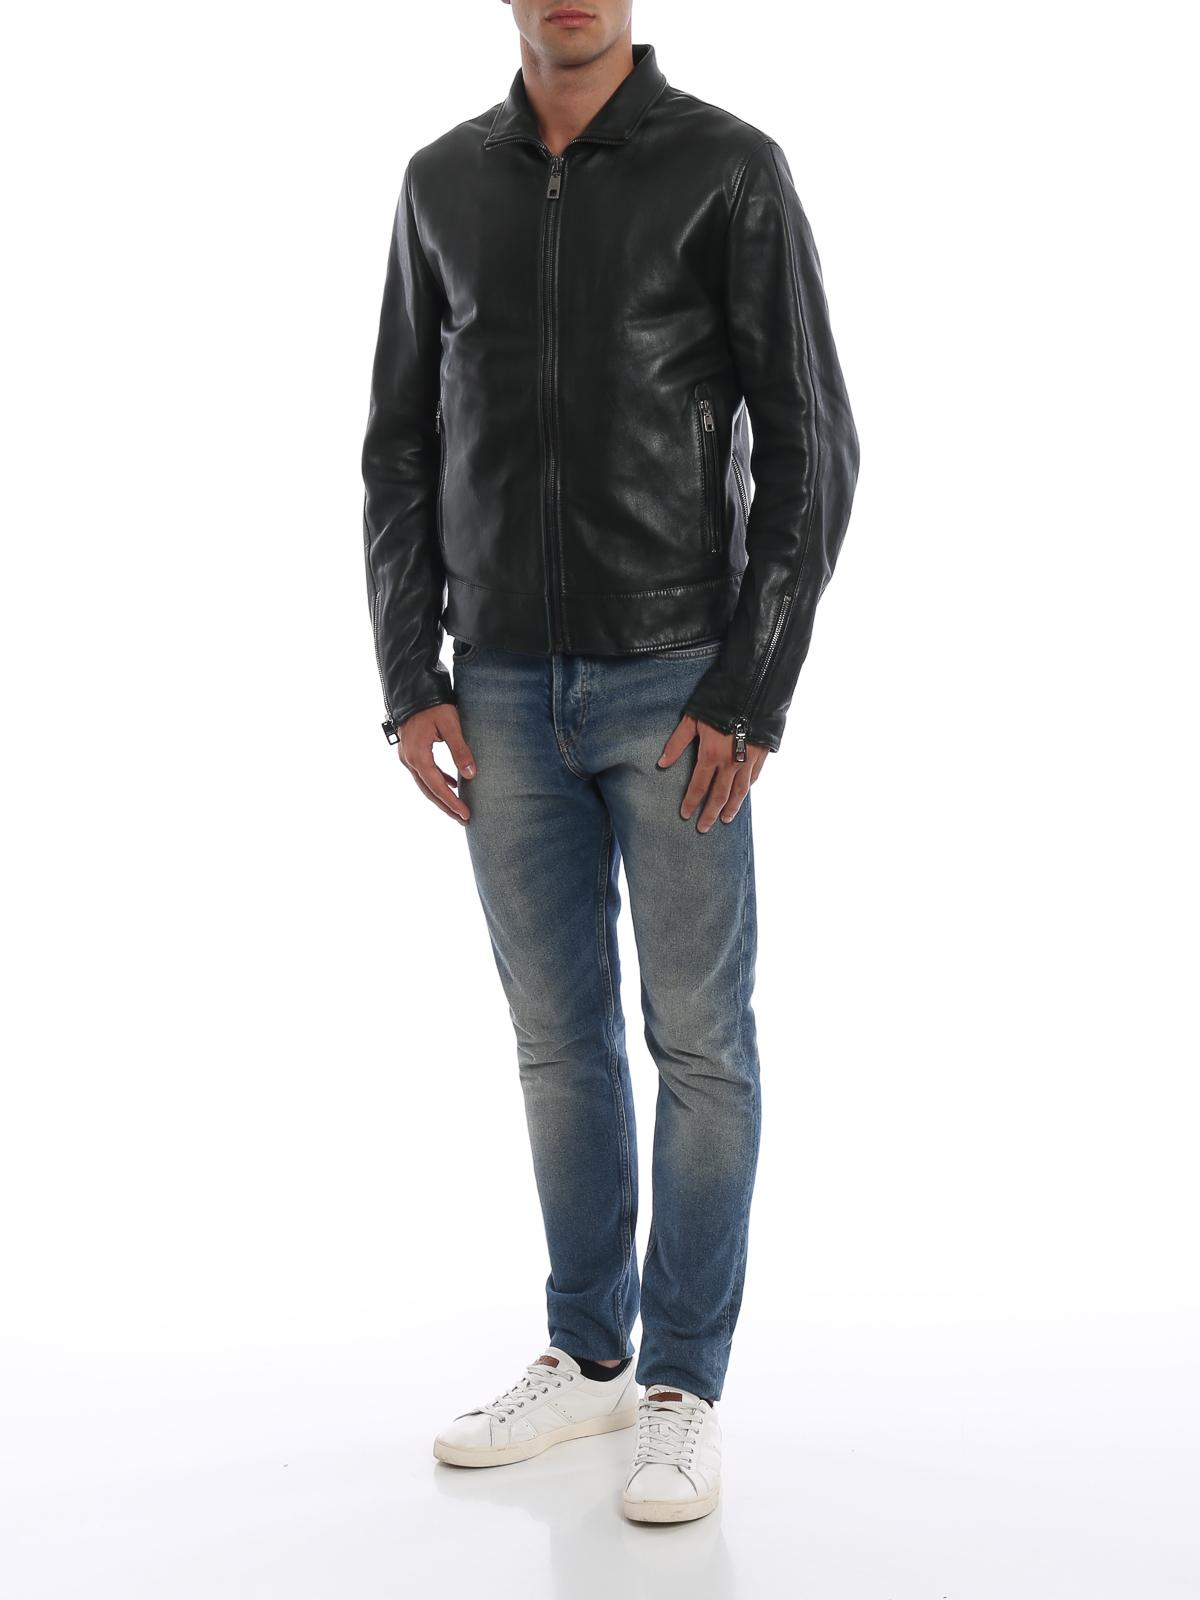 100% authentic e2829 39f13 Dolce & Gabbana - Giubbotto biker in morbida pelle di ...